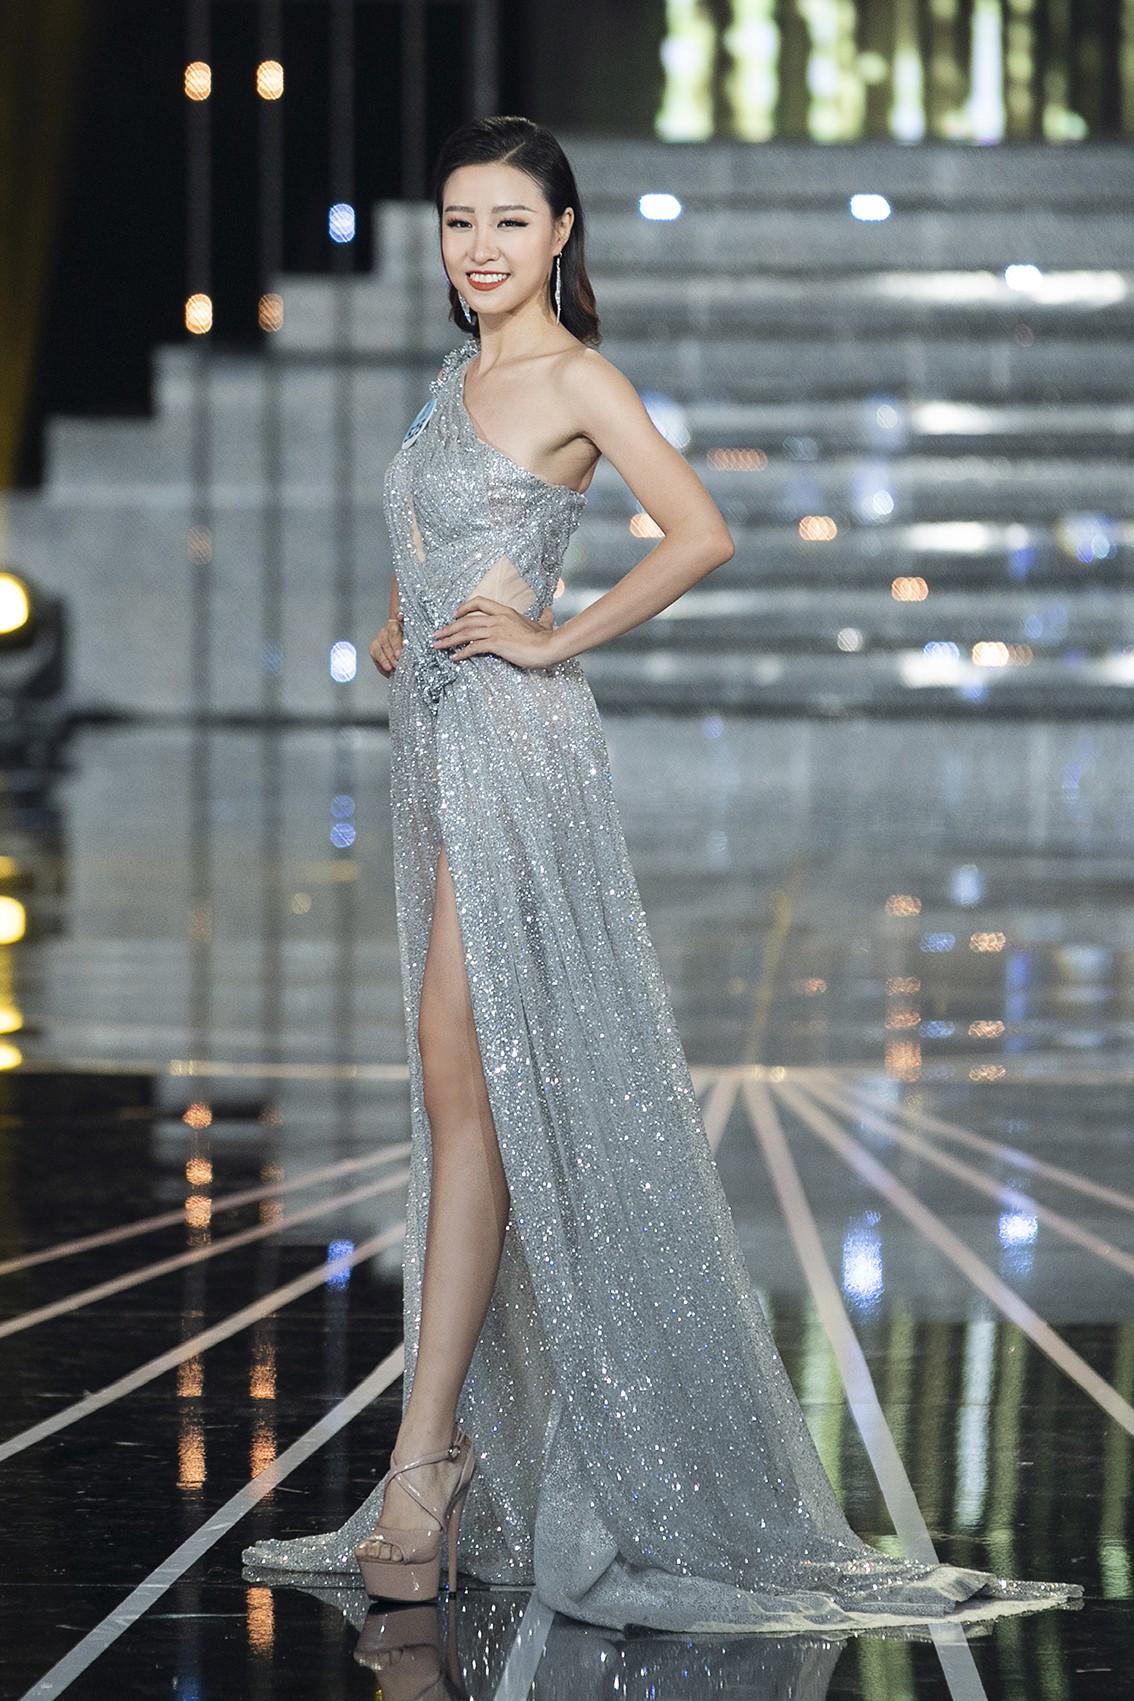 Màn dạ hội bay bổng của NTK Nguyễn Minh Tuấn trong đêm chung khảo phía Nam Miss World Việt Nam 2019 - Ảnh 3.